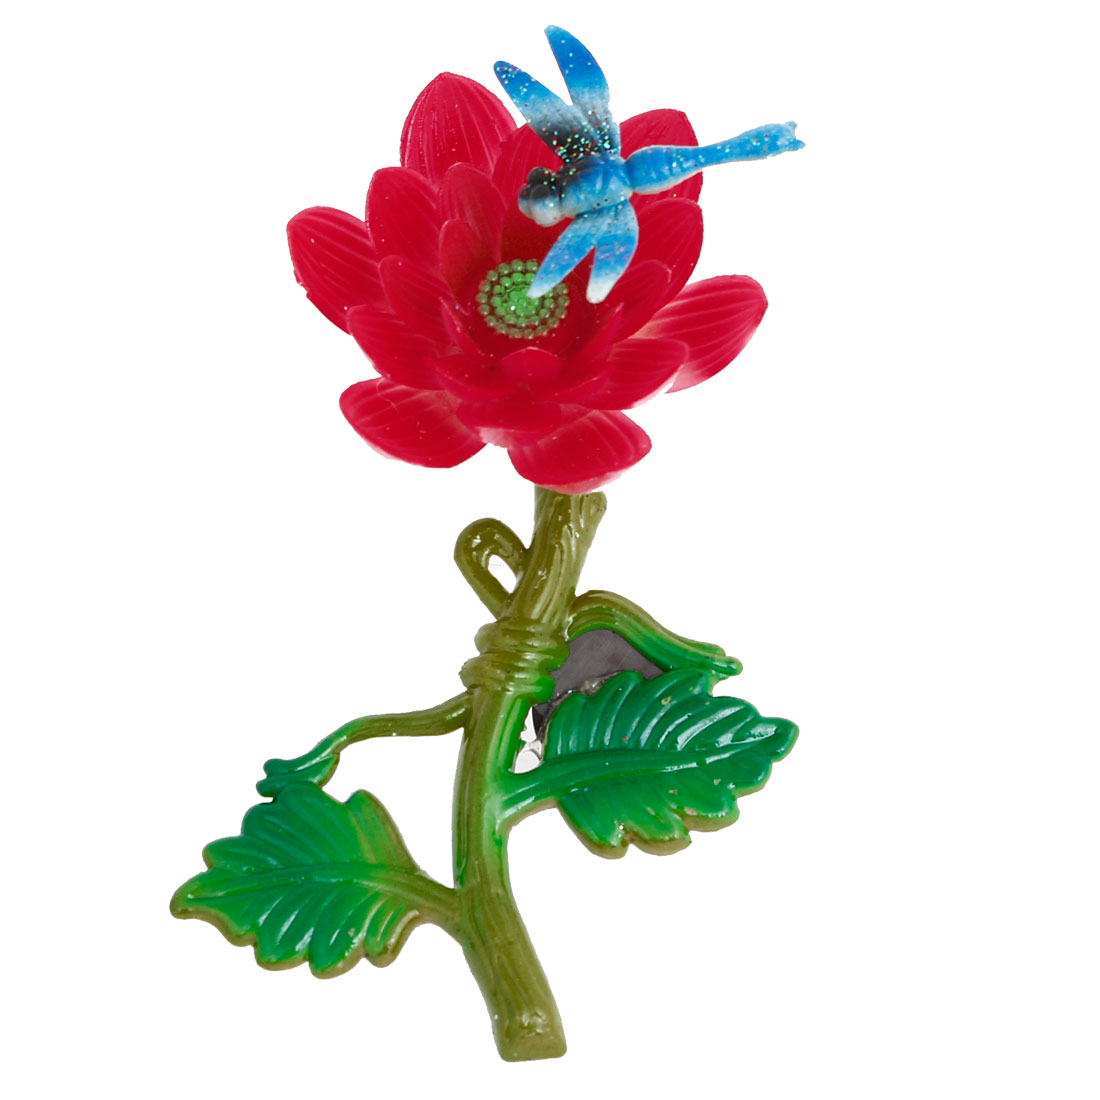 Red Plastic Dragonfly Decor Flower Fridge Magnet